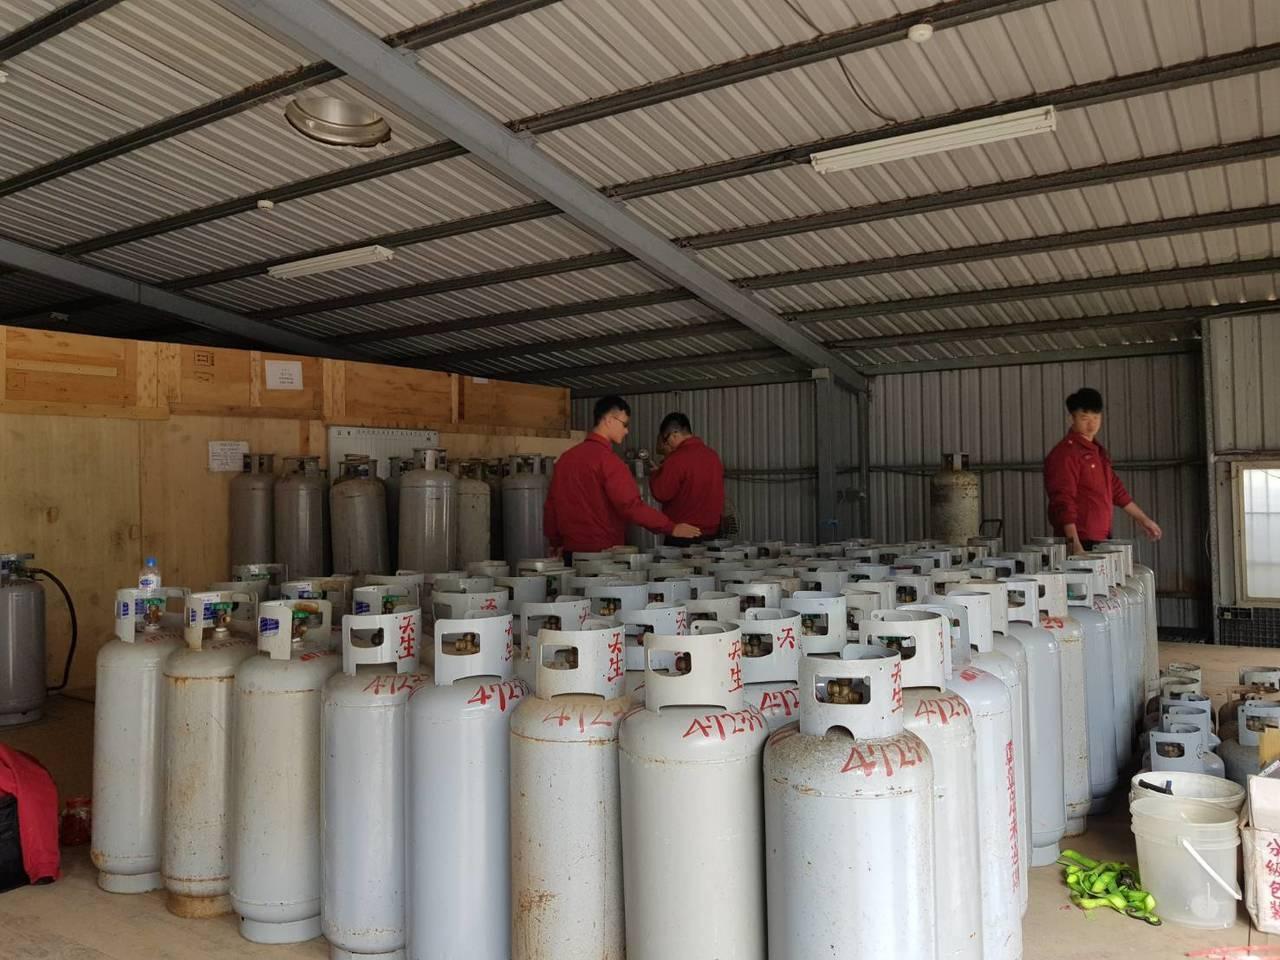 桶裝瓦斯價格四月可能持續調漲。 圖/桃園市消防局第二大隊提供